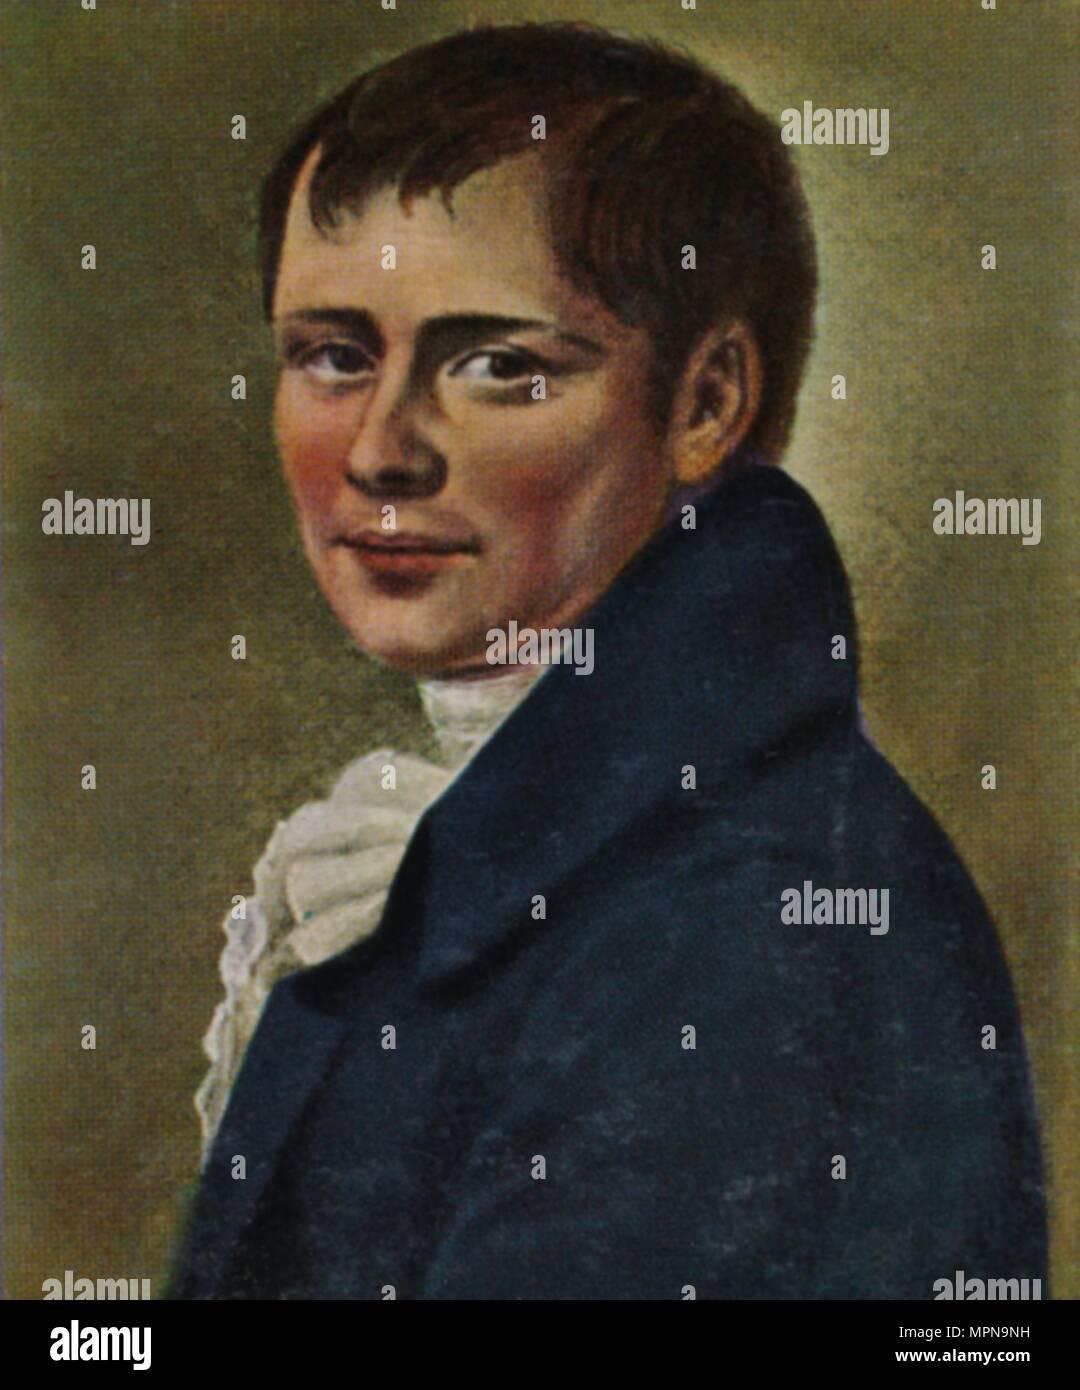 'Heinrich von Kleist 1777-1811. - Gemälde von Graff', 1934. Artist: Unknown. - Stock Image